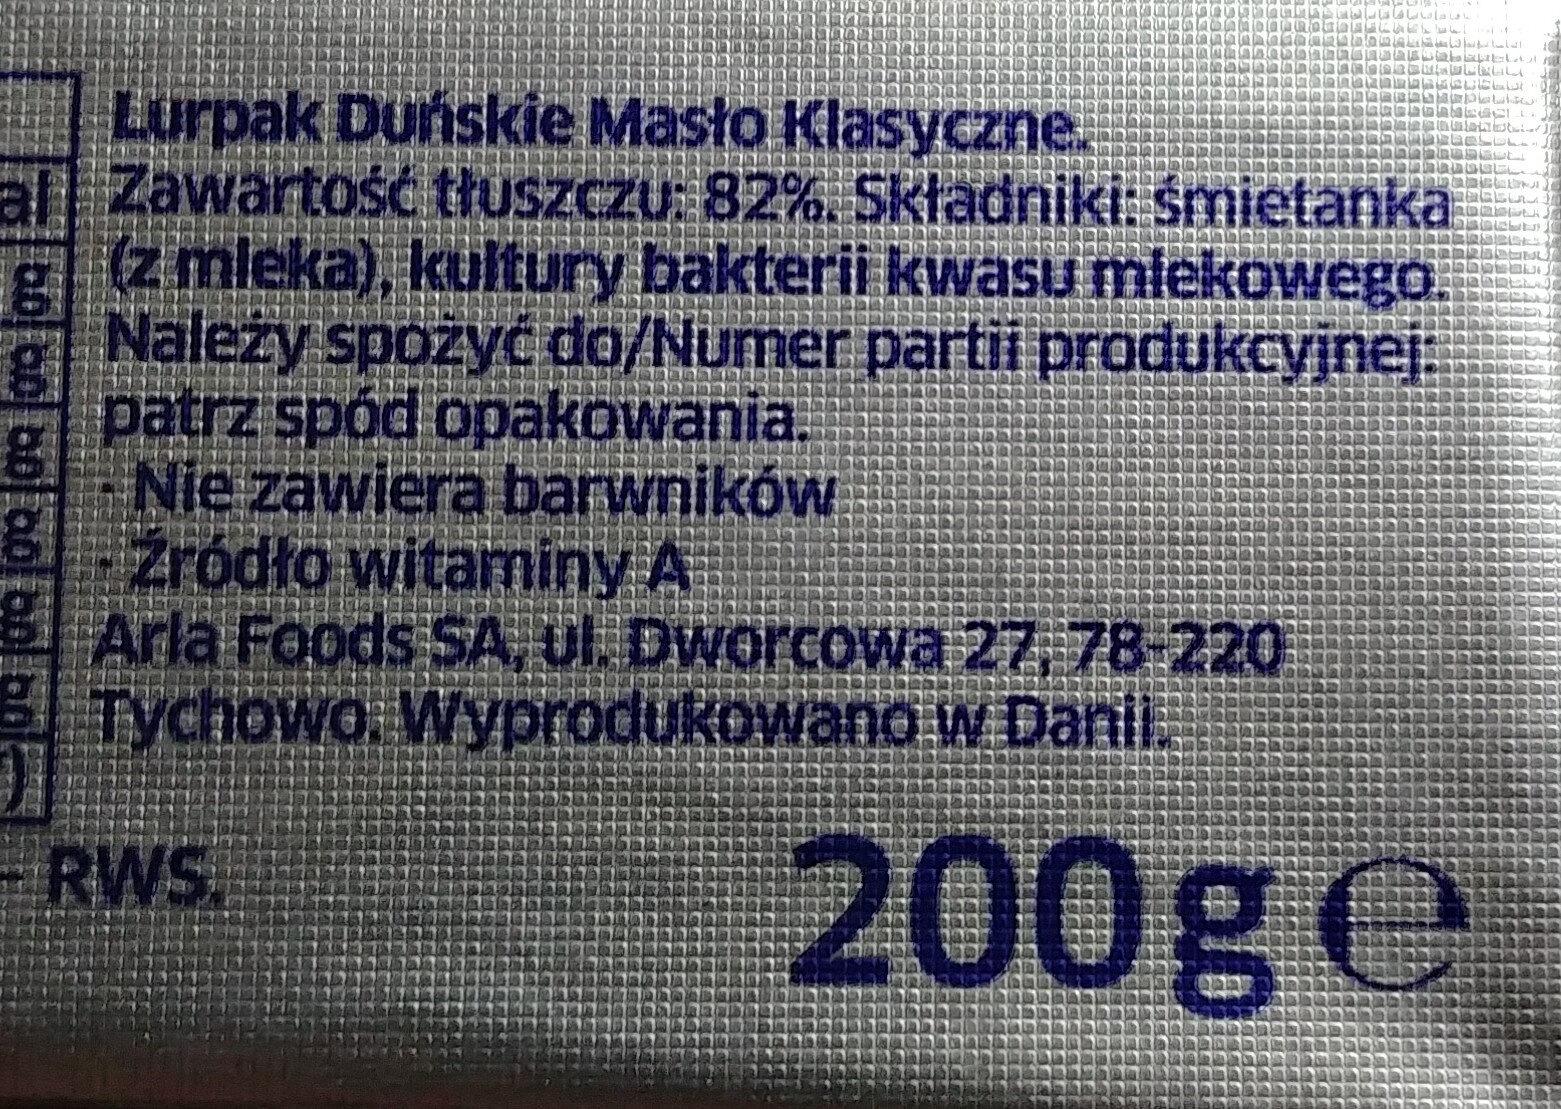 Duńskie masło - Składniki - pl